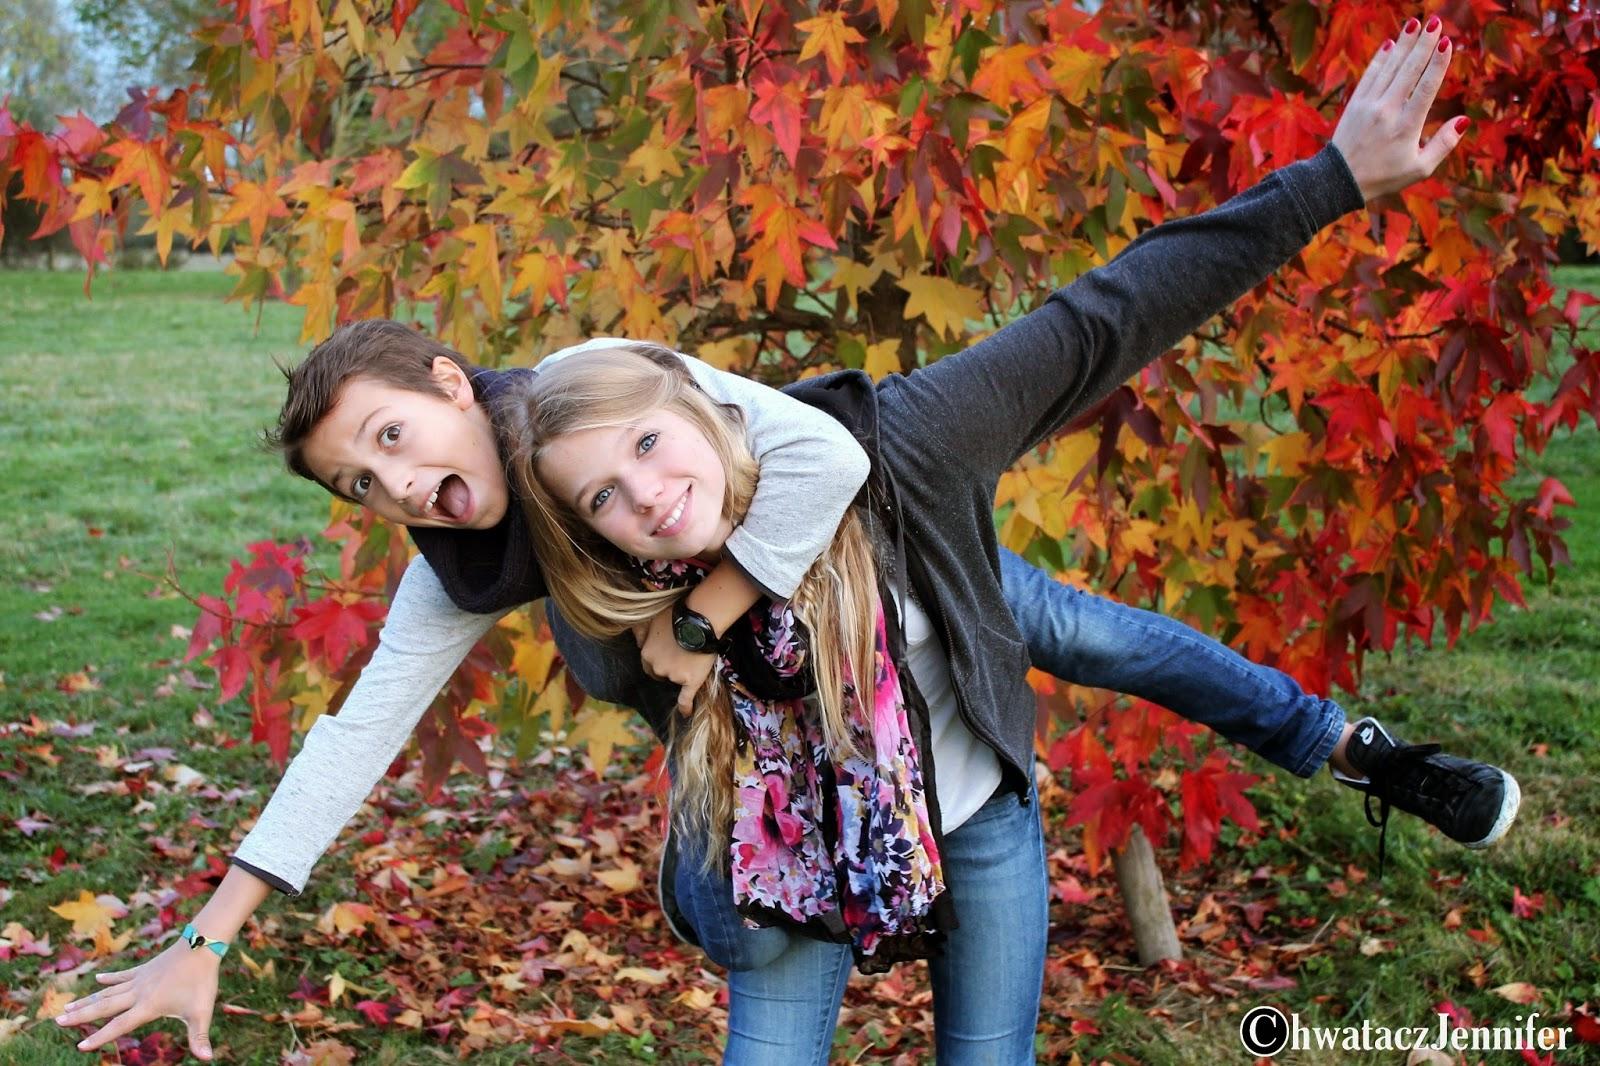 Minimalistiques-photographie-automne-cousins